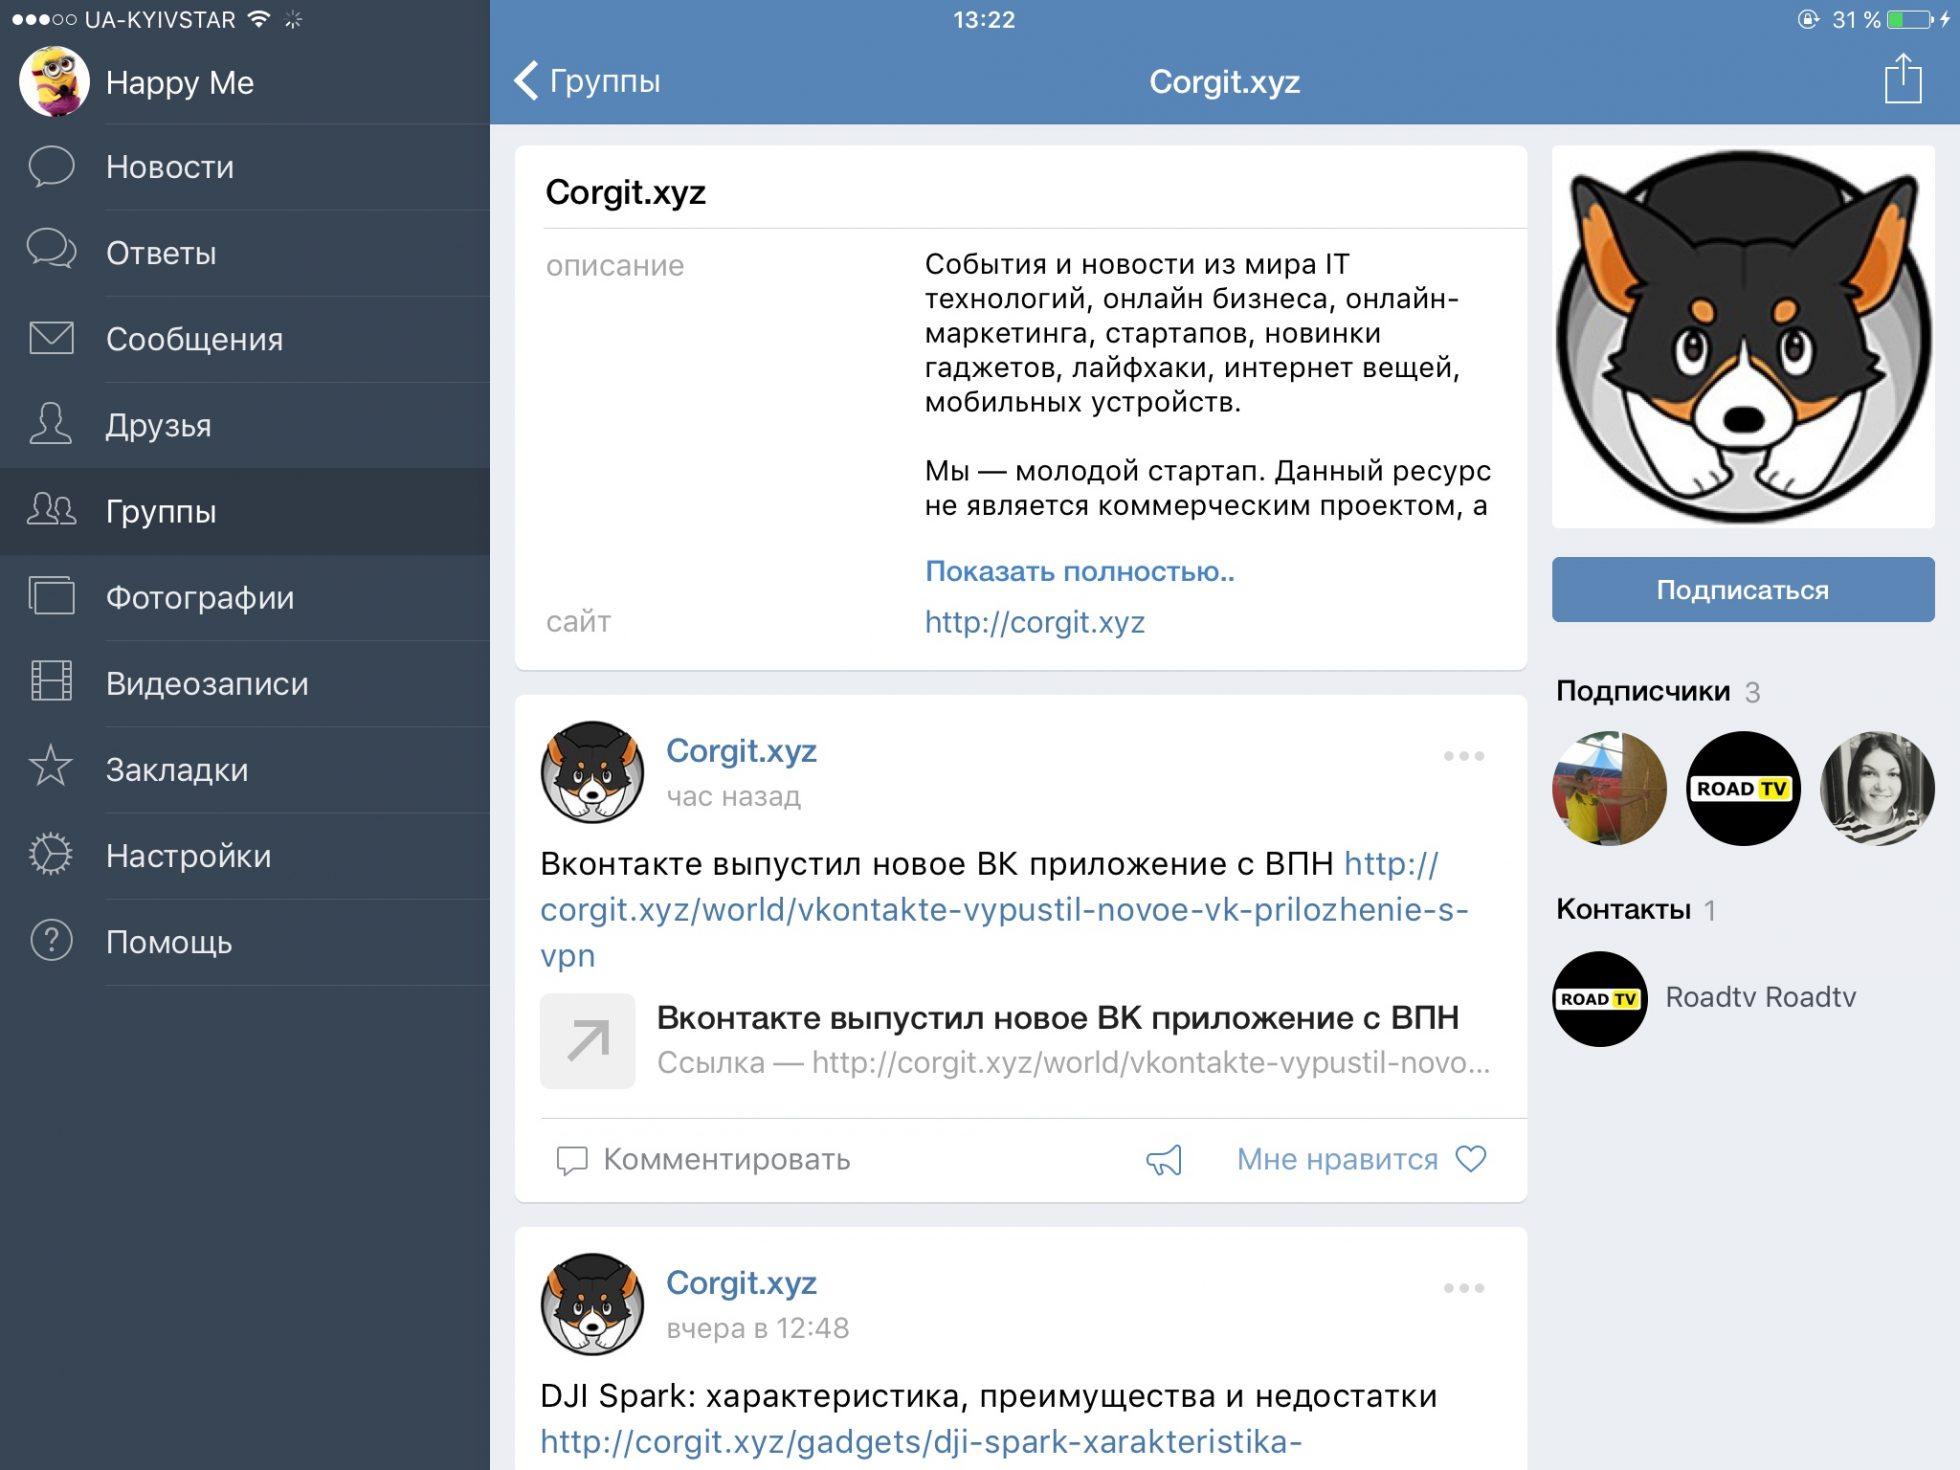 Сова вк: скачать приложение бесплатно на андроид, айфон и пк